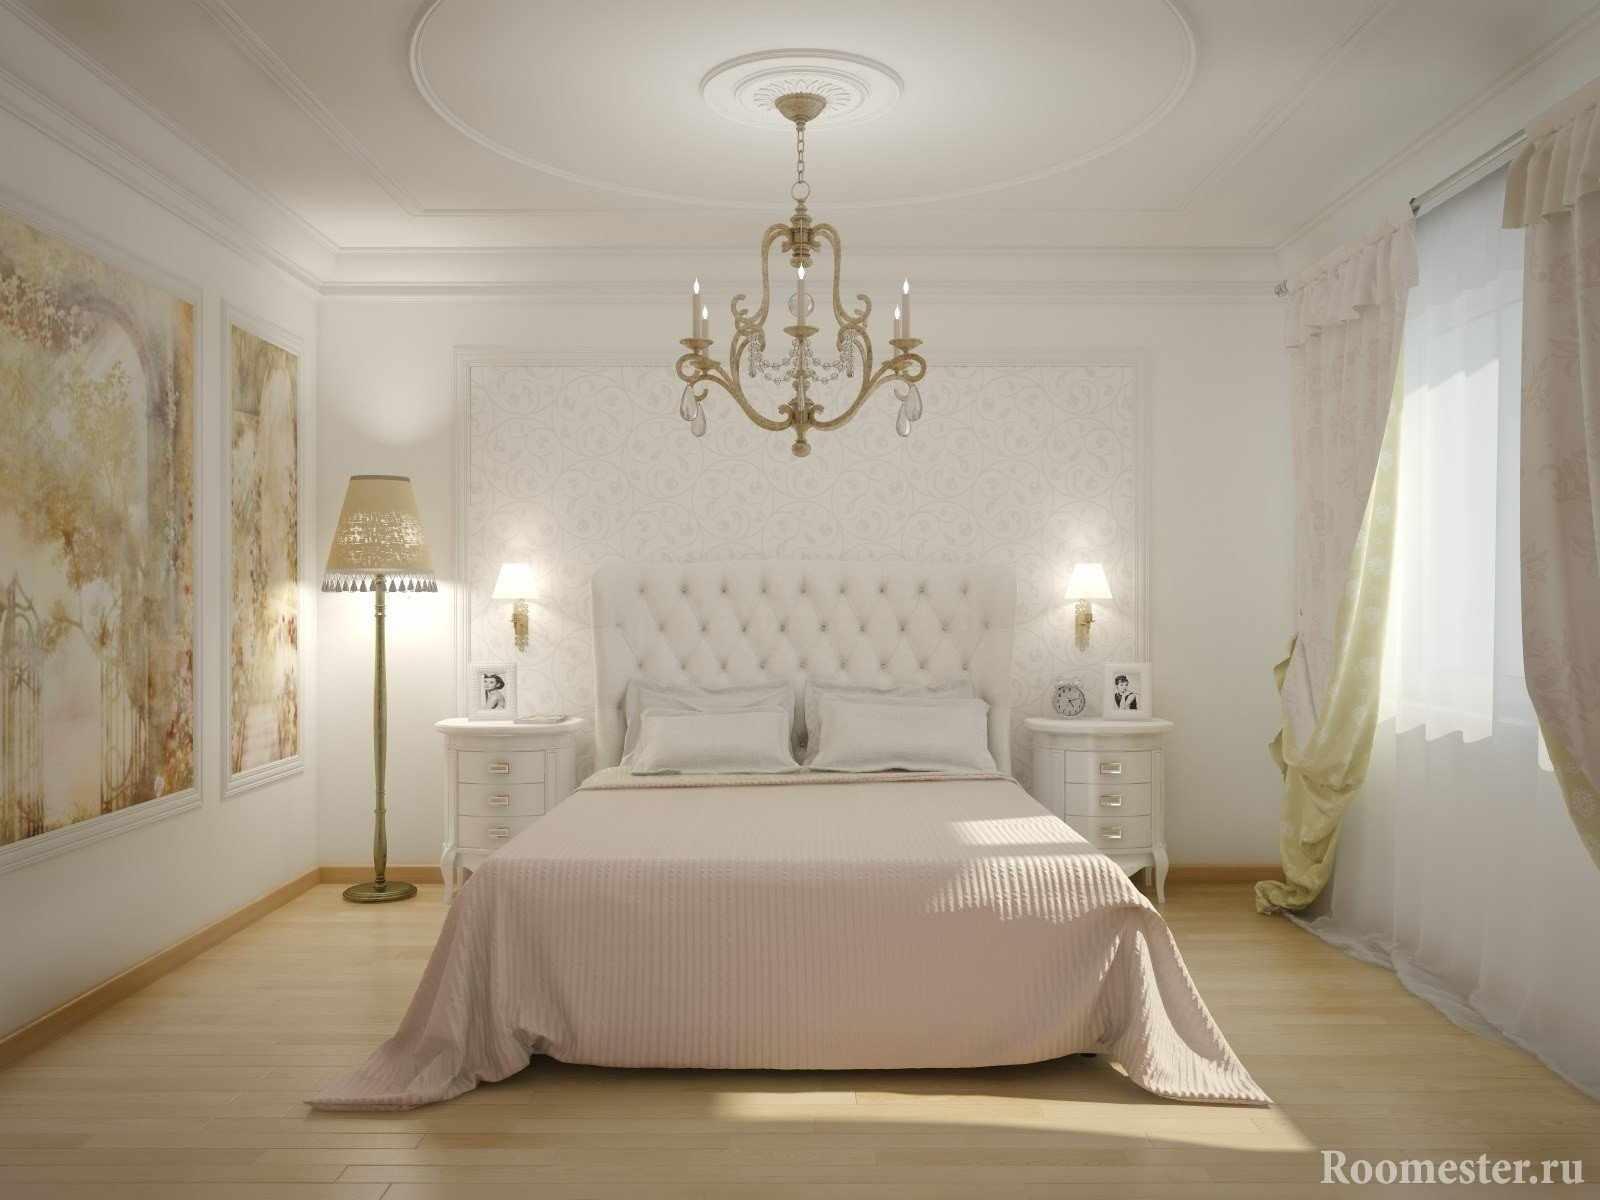 Вариант дизайна спальни